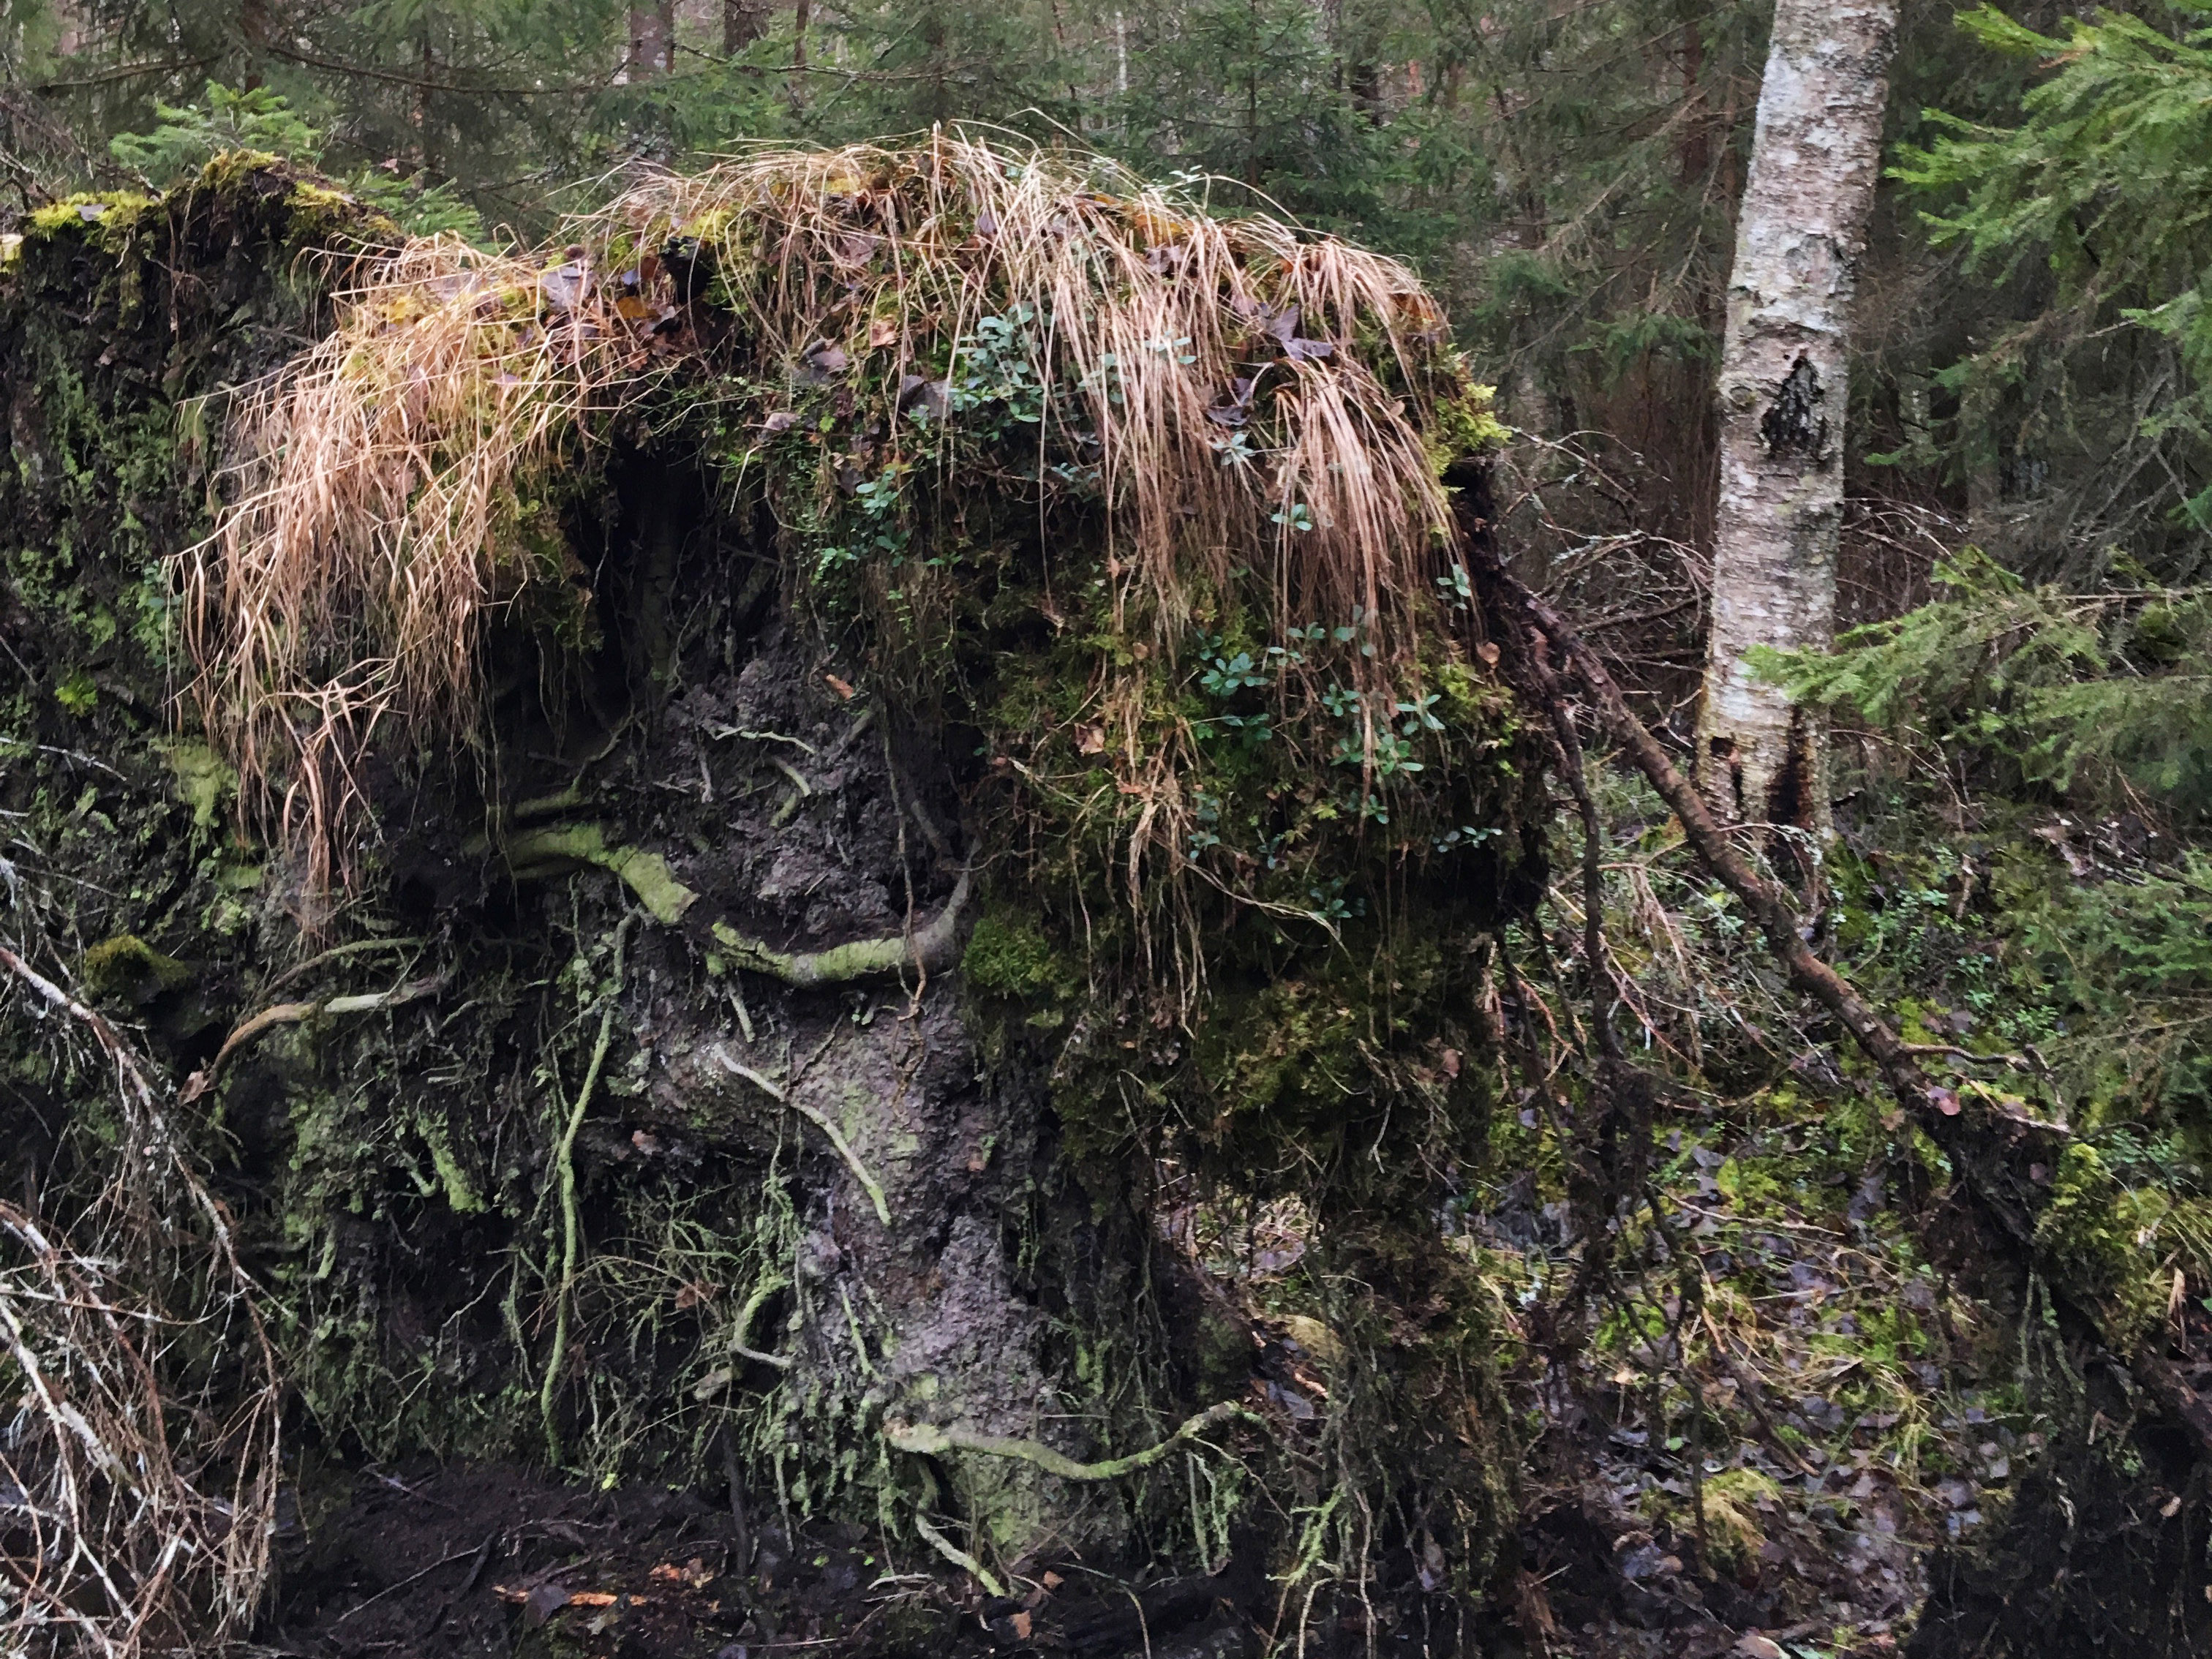 En jordhög i en skog